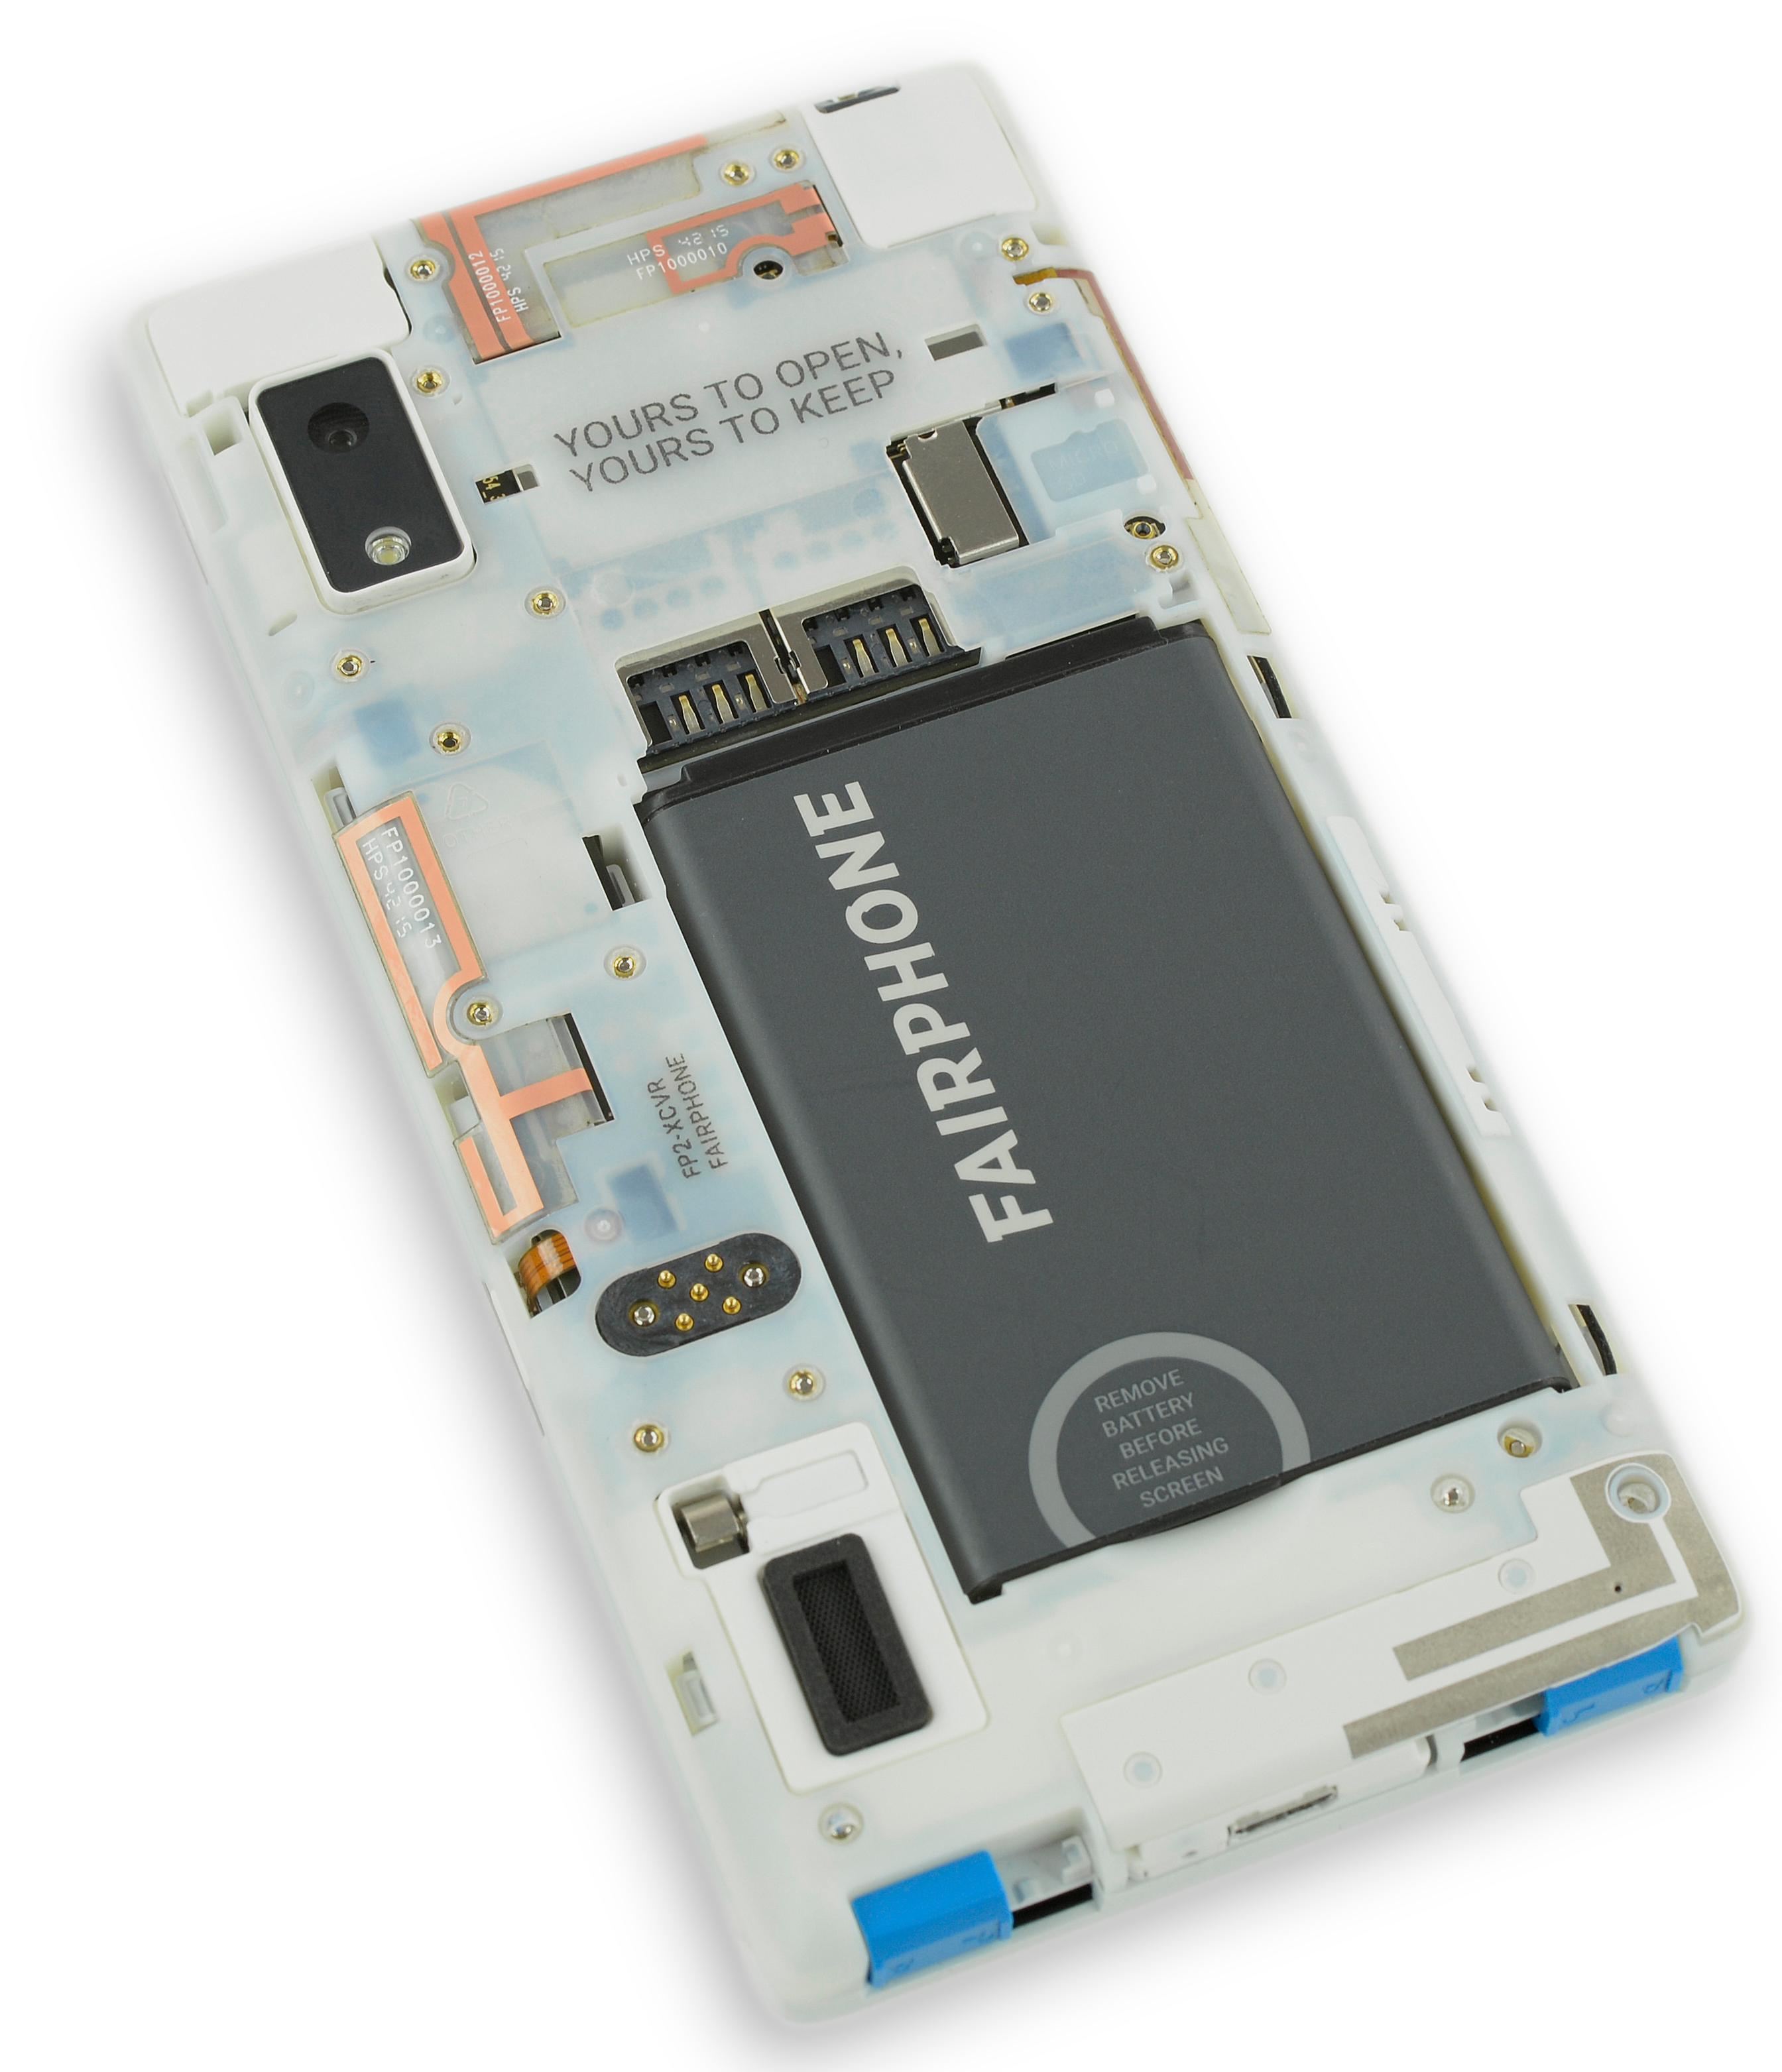 Fairphone-smartphone-ethique-et-faibles-en-emission-ondes